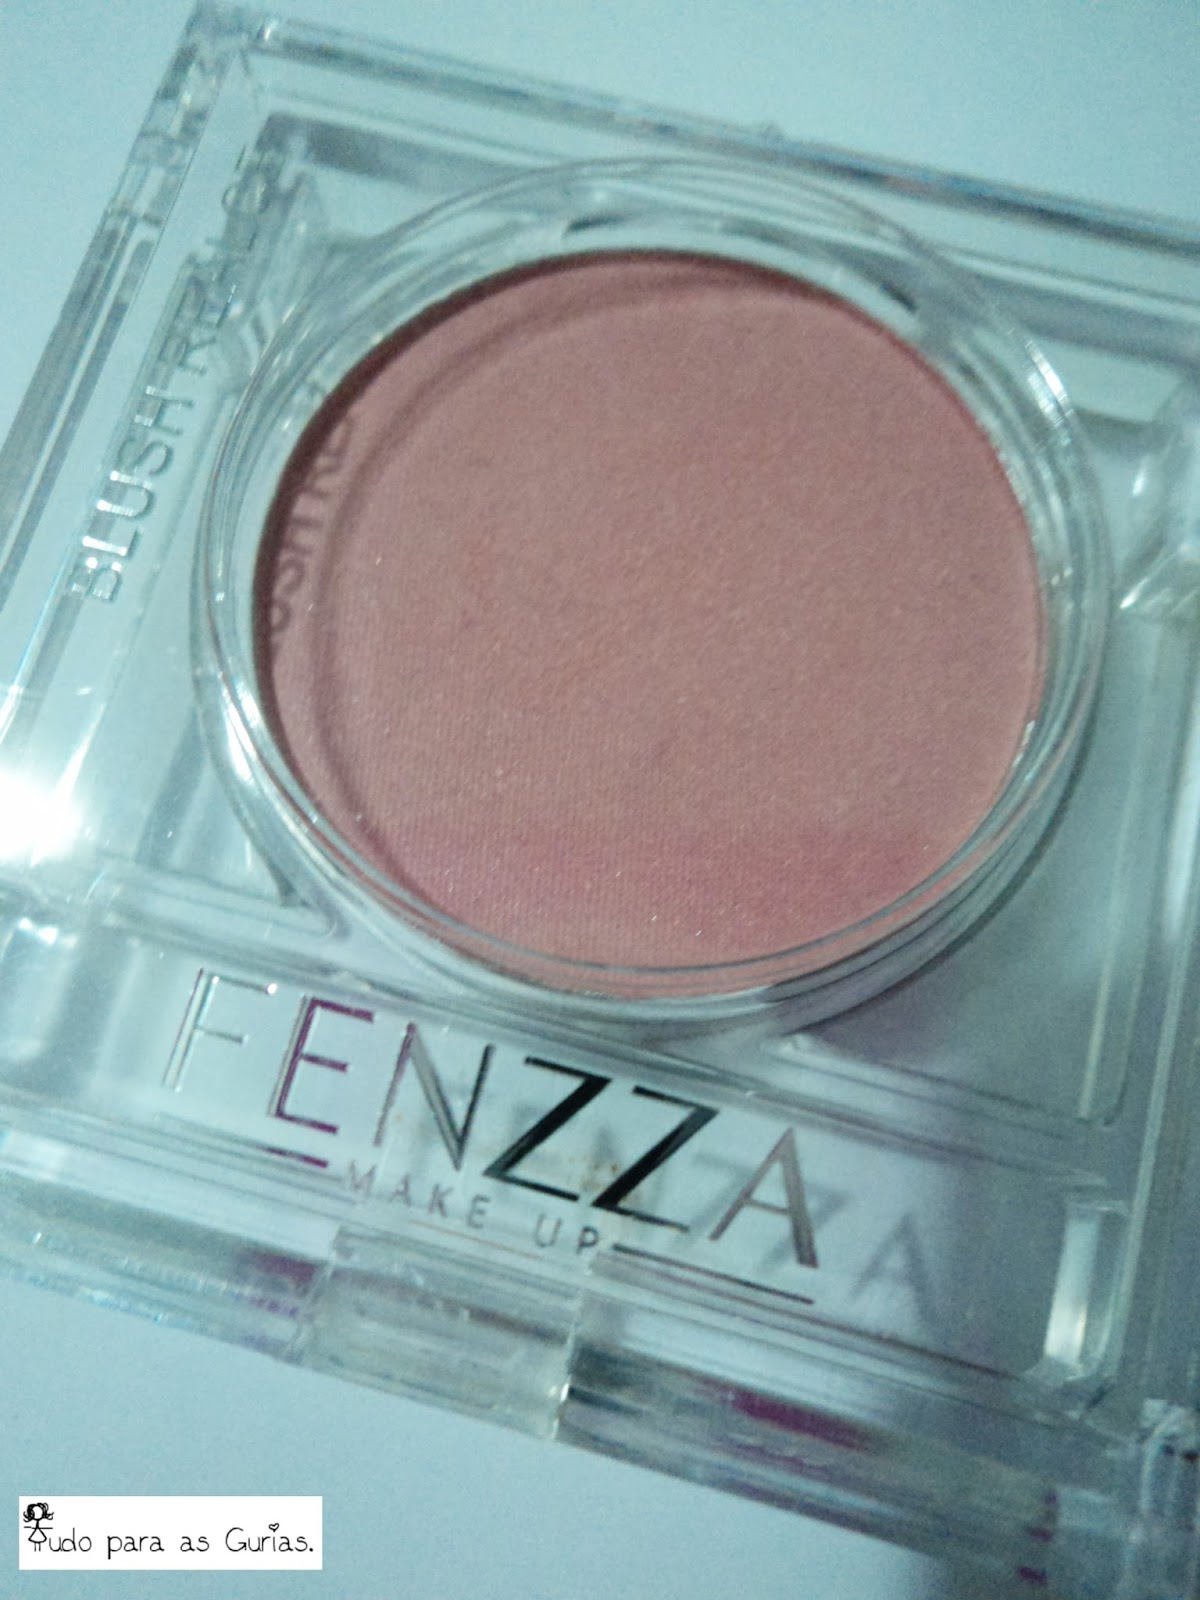 blush; fenzza; rosa